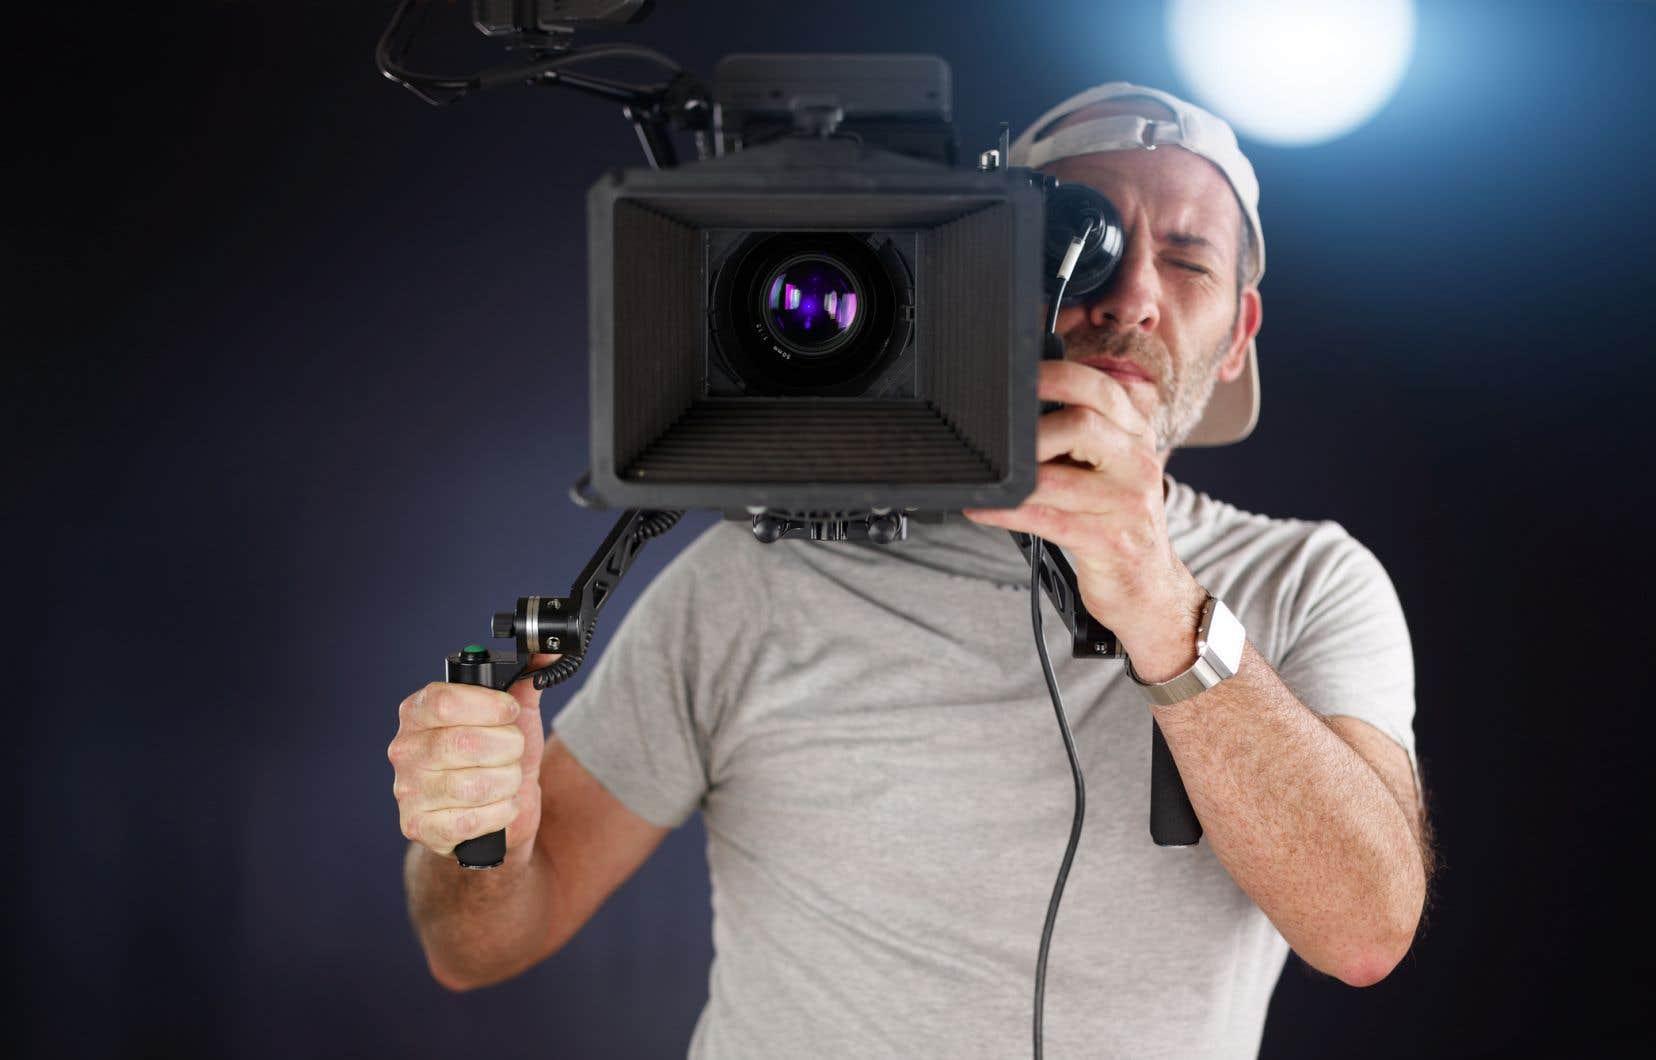 Netflix fournira les fonds nécessaires à la mise en place d'un programme intensif à l'INIS, où trois scénaristes, trois réalisateurs et trois producteurs seront formés chaque année.